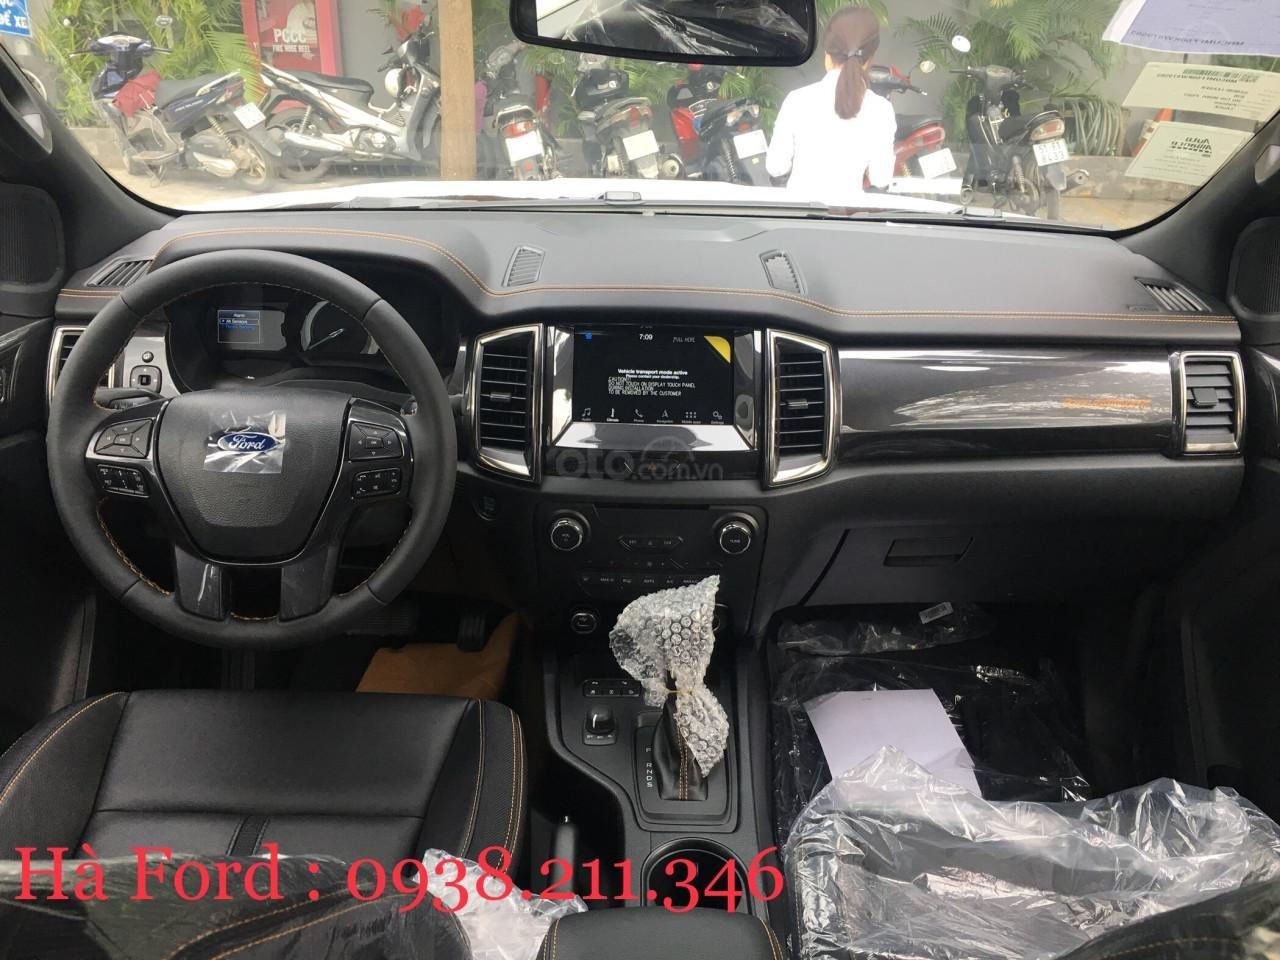 Ford Everest 2019, xe nhập, giá cạnh tranh giao ngay, kèm theo nhiều ưu đãi hấp dẫn 0938211346-3